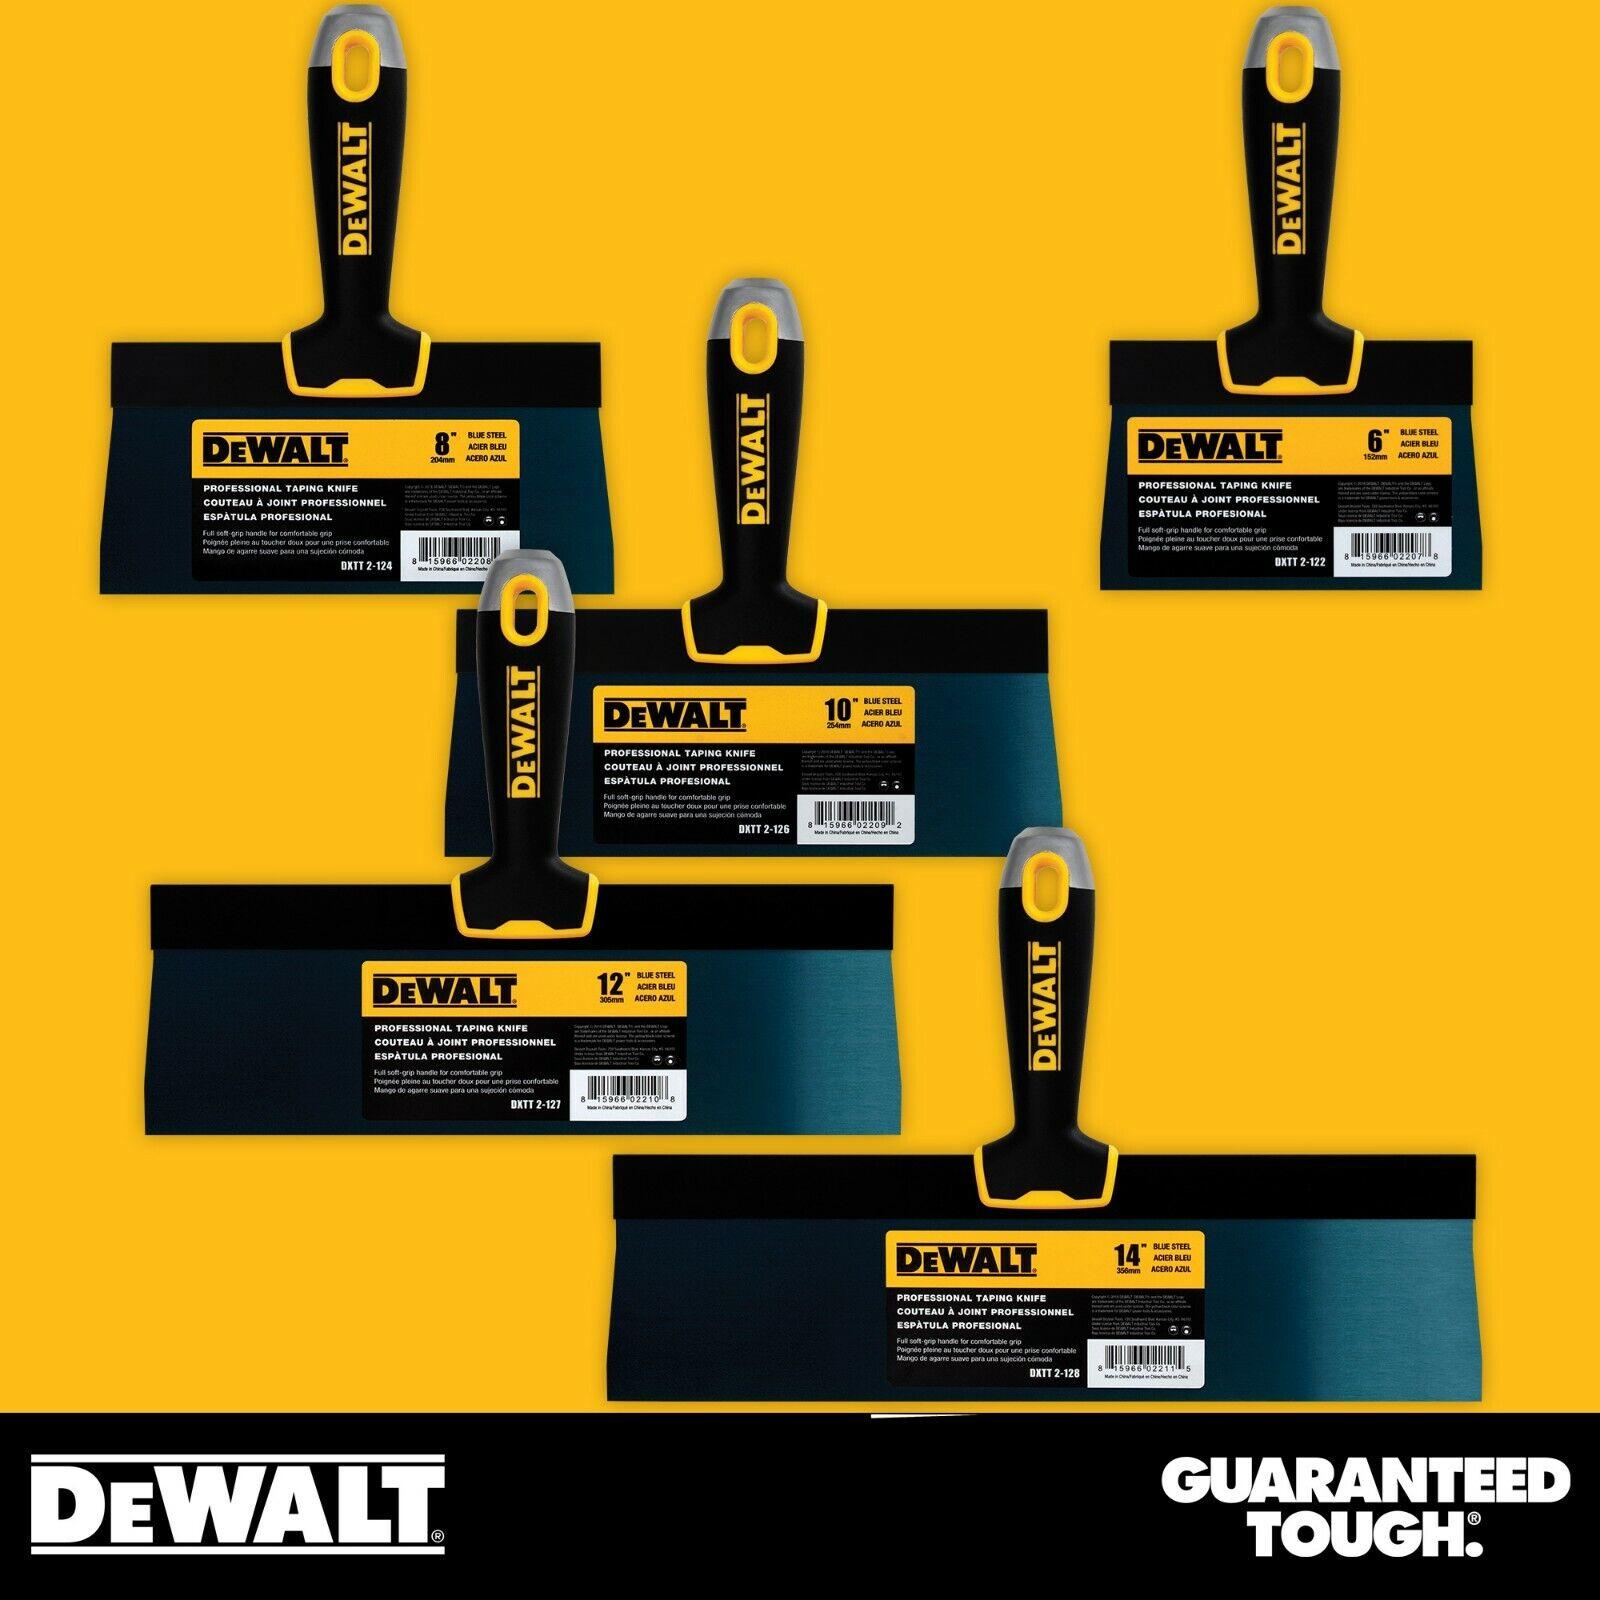 DEWALT Drywall Taping Knife Set Premium Blue Steel 6-8-10-12